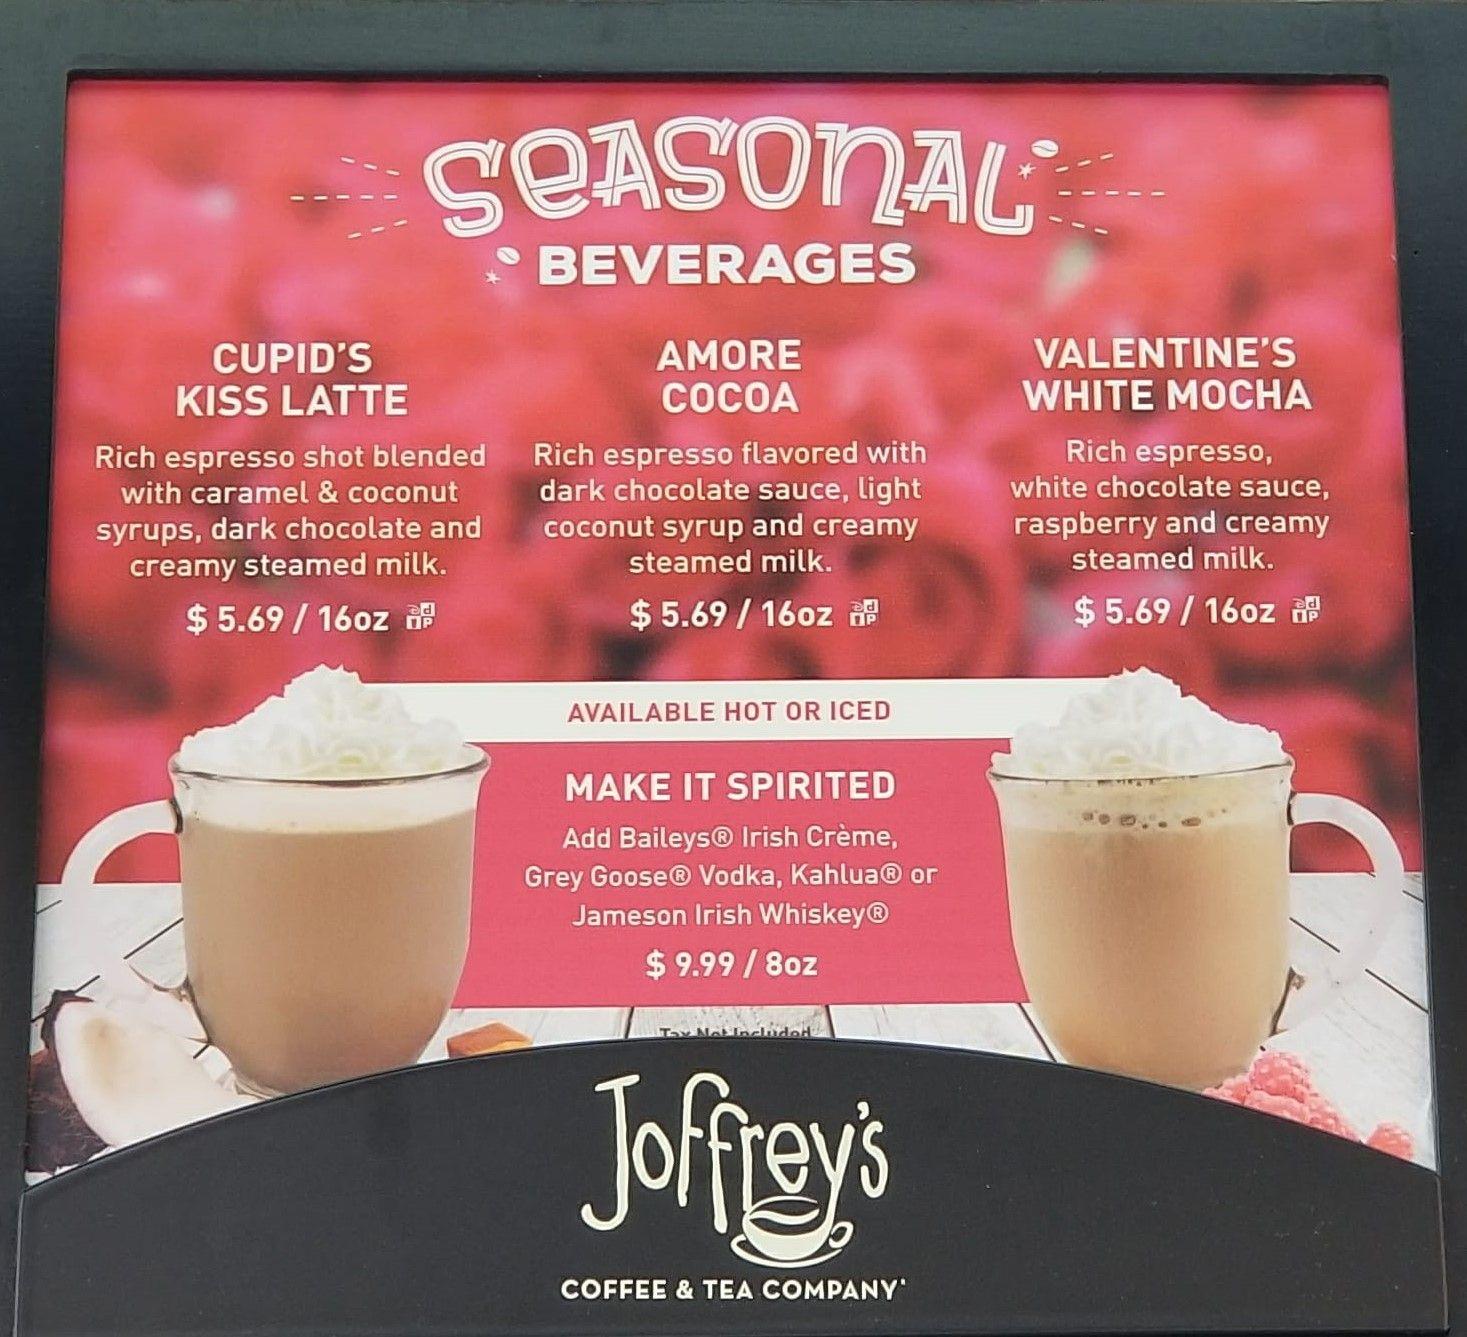 Valentine S Day Themed Seasonal Drinks Return To Disney World Joffrey S Kiosks Seasonal Drinks Espresso Flavor Coconut Caramel